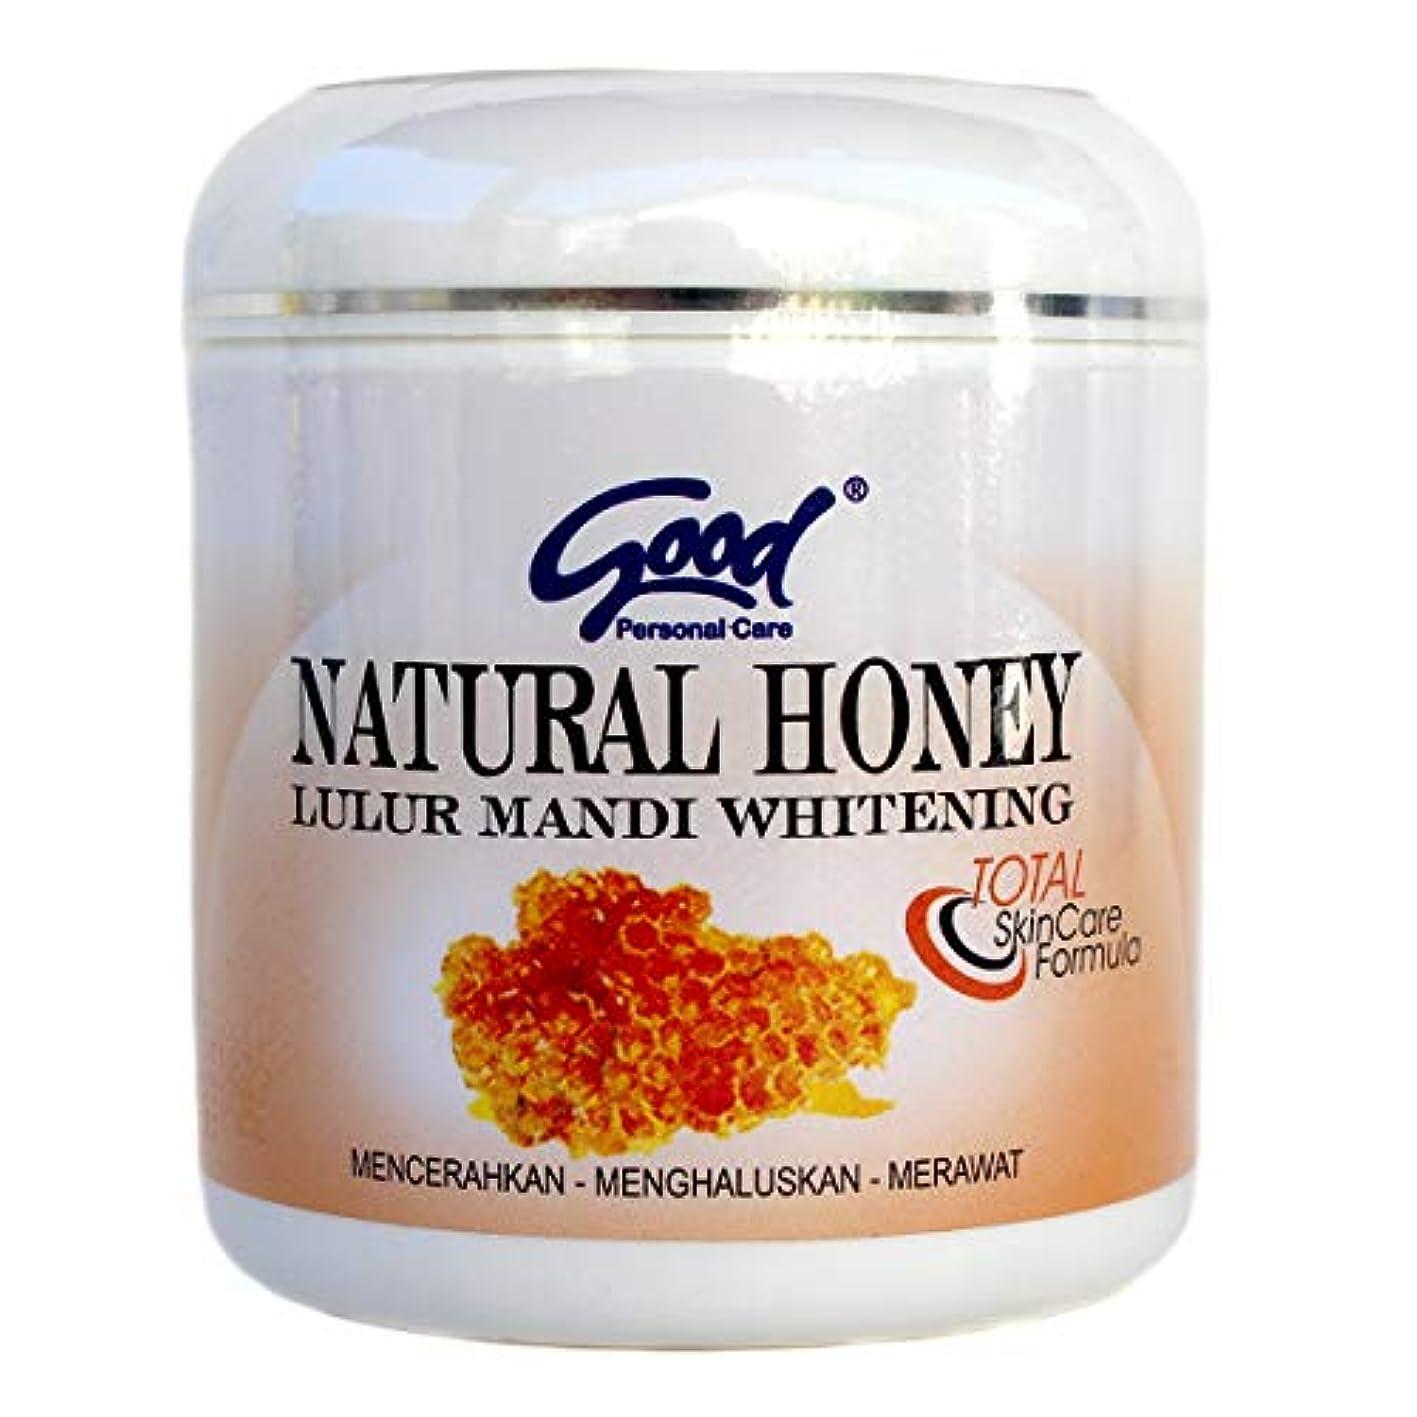 注意資料うまgood グッド インドネシアバリ島の伝統的なボディスクラブ Lulur Mandi マンディルルール 200g Natural Honey ナチュラルハニー [海外直送品]